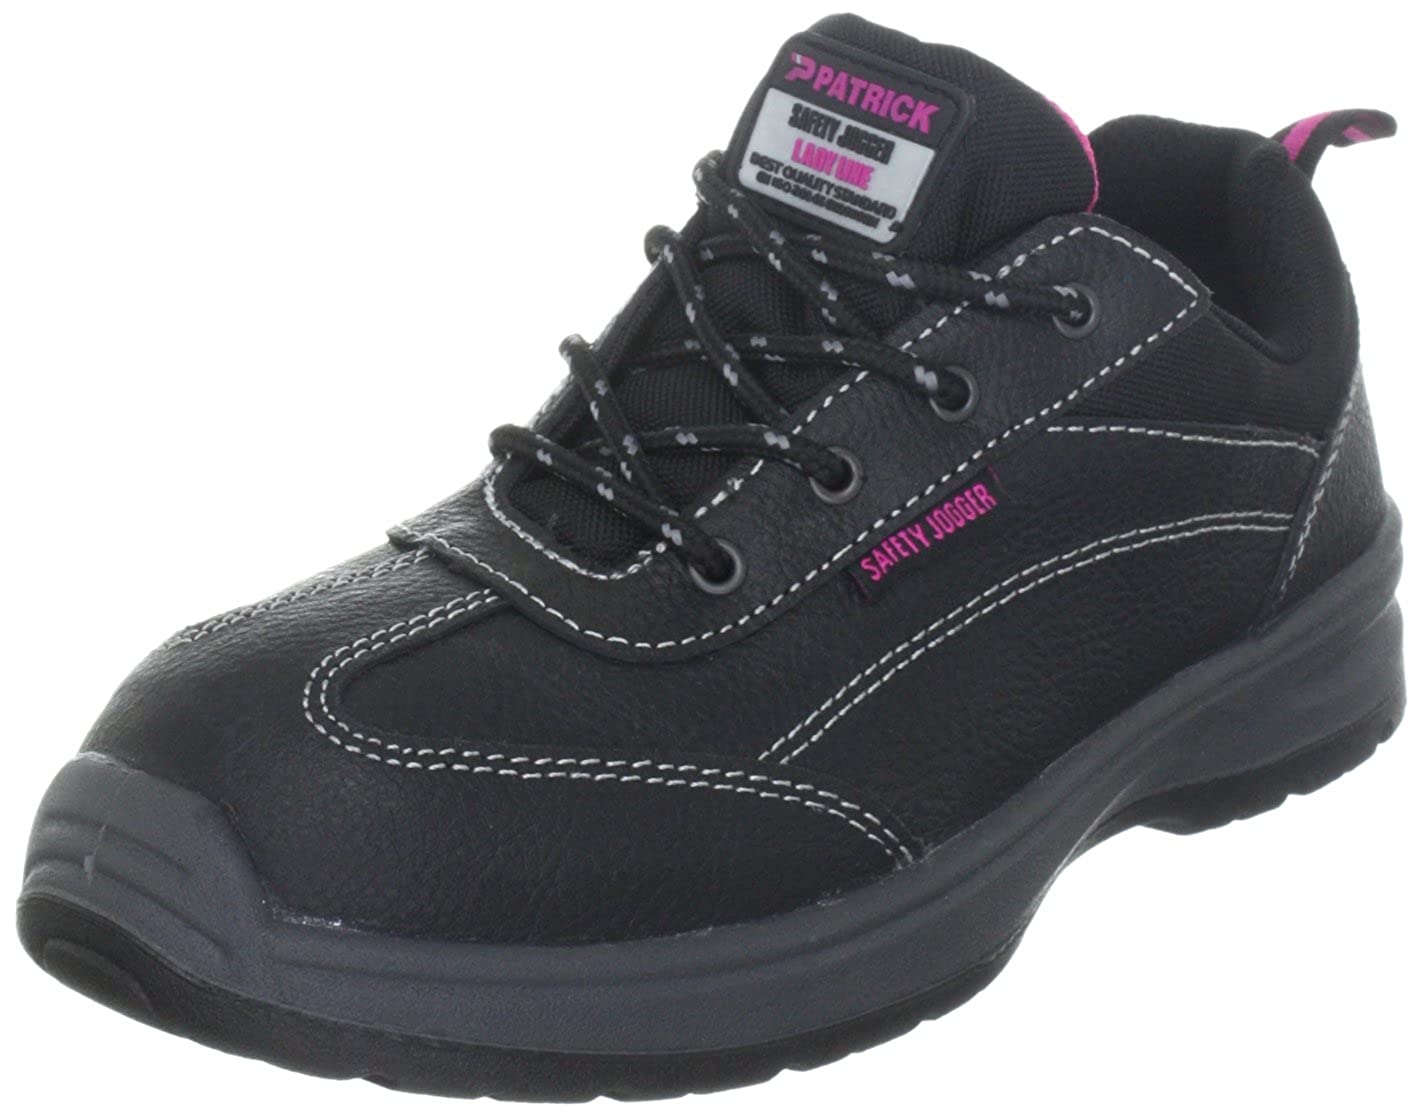 Safety Jogger Bestgirl chaussures de sécurité pour femmes